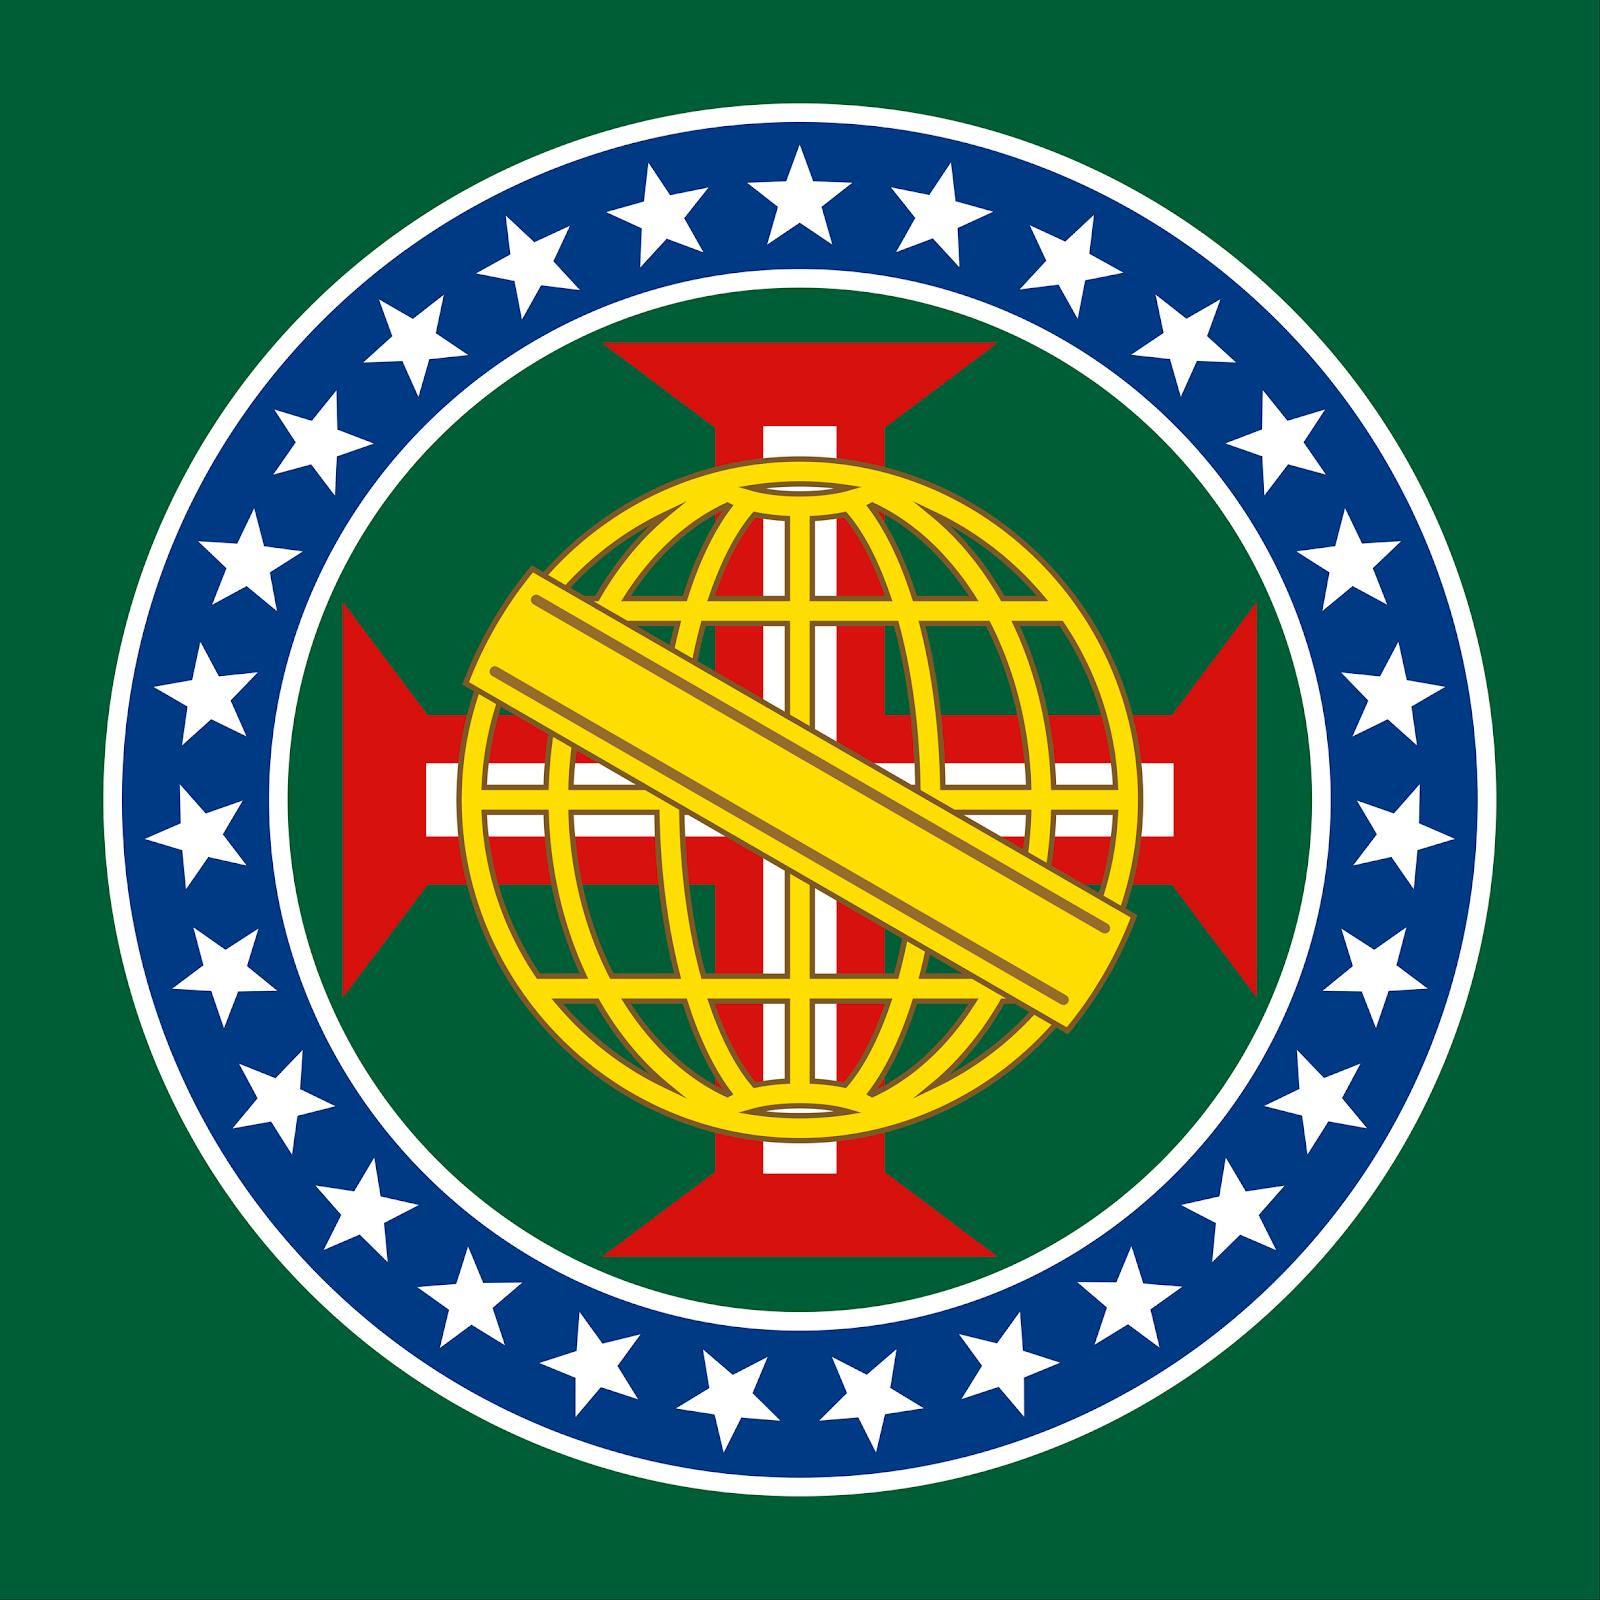 Núcleo Redesenhado da Bandeira Imperial Brasileira